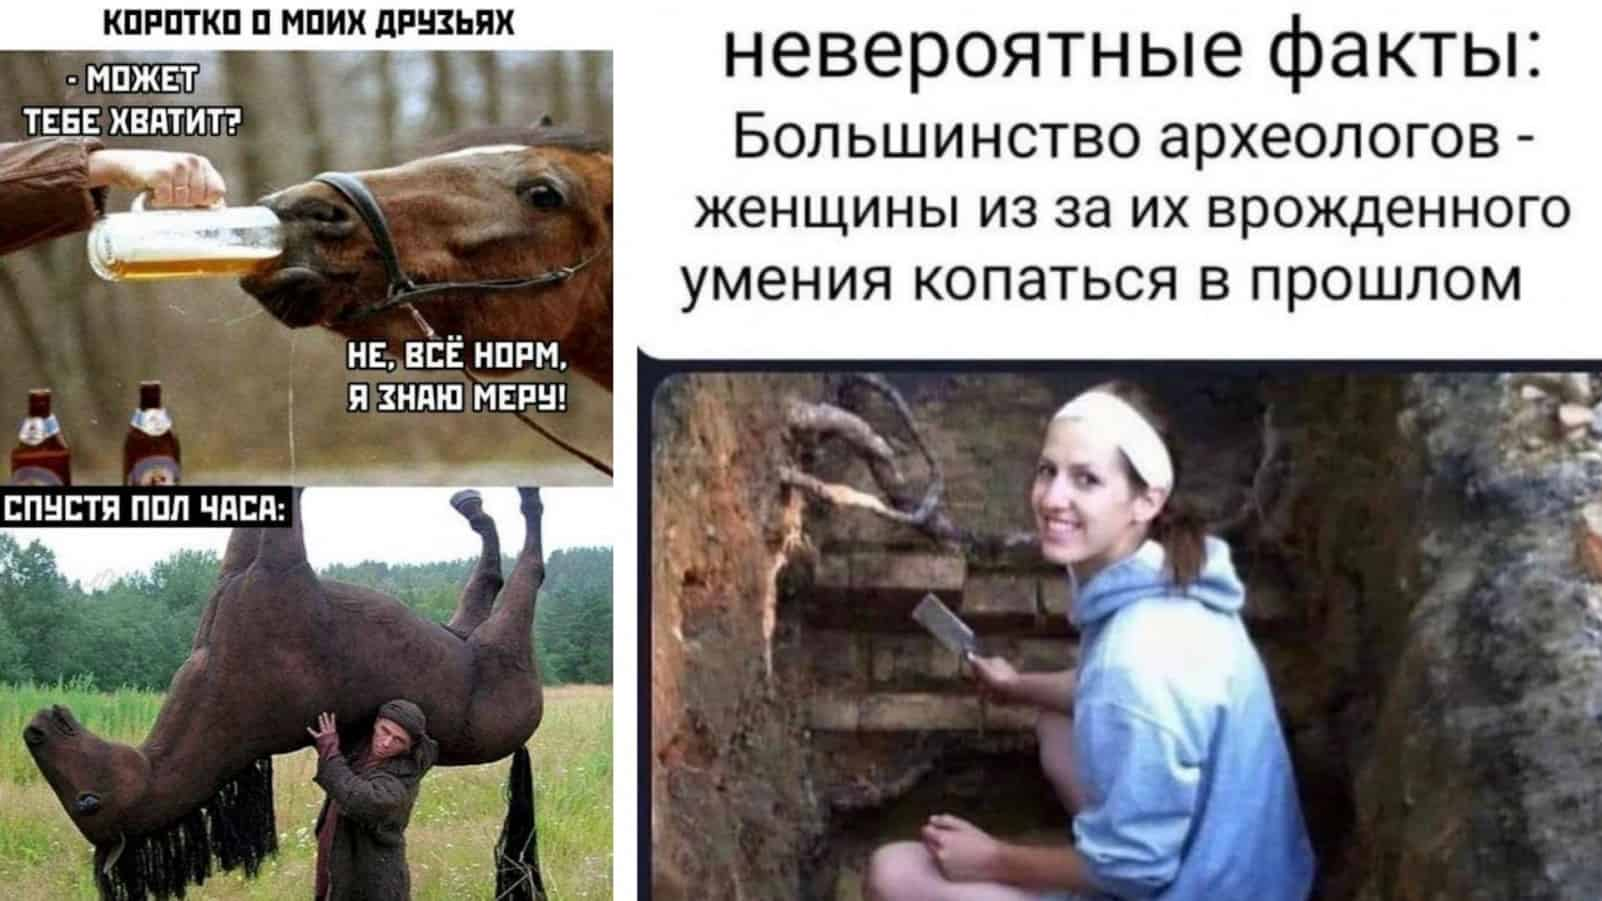 Копание в прошлом, напиться как лошадь и другие картинки с надписями